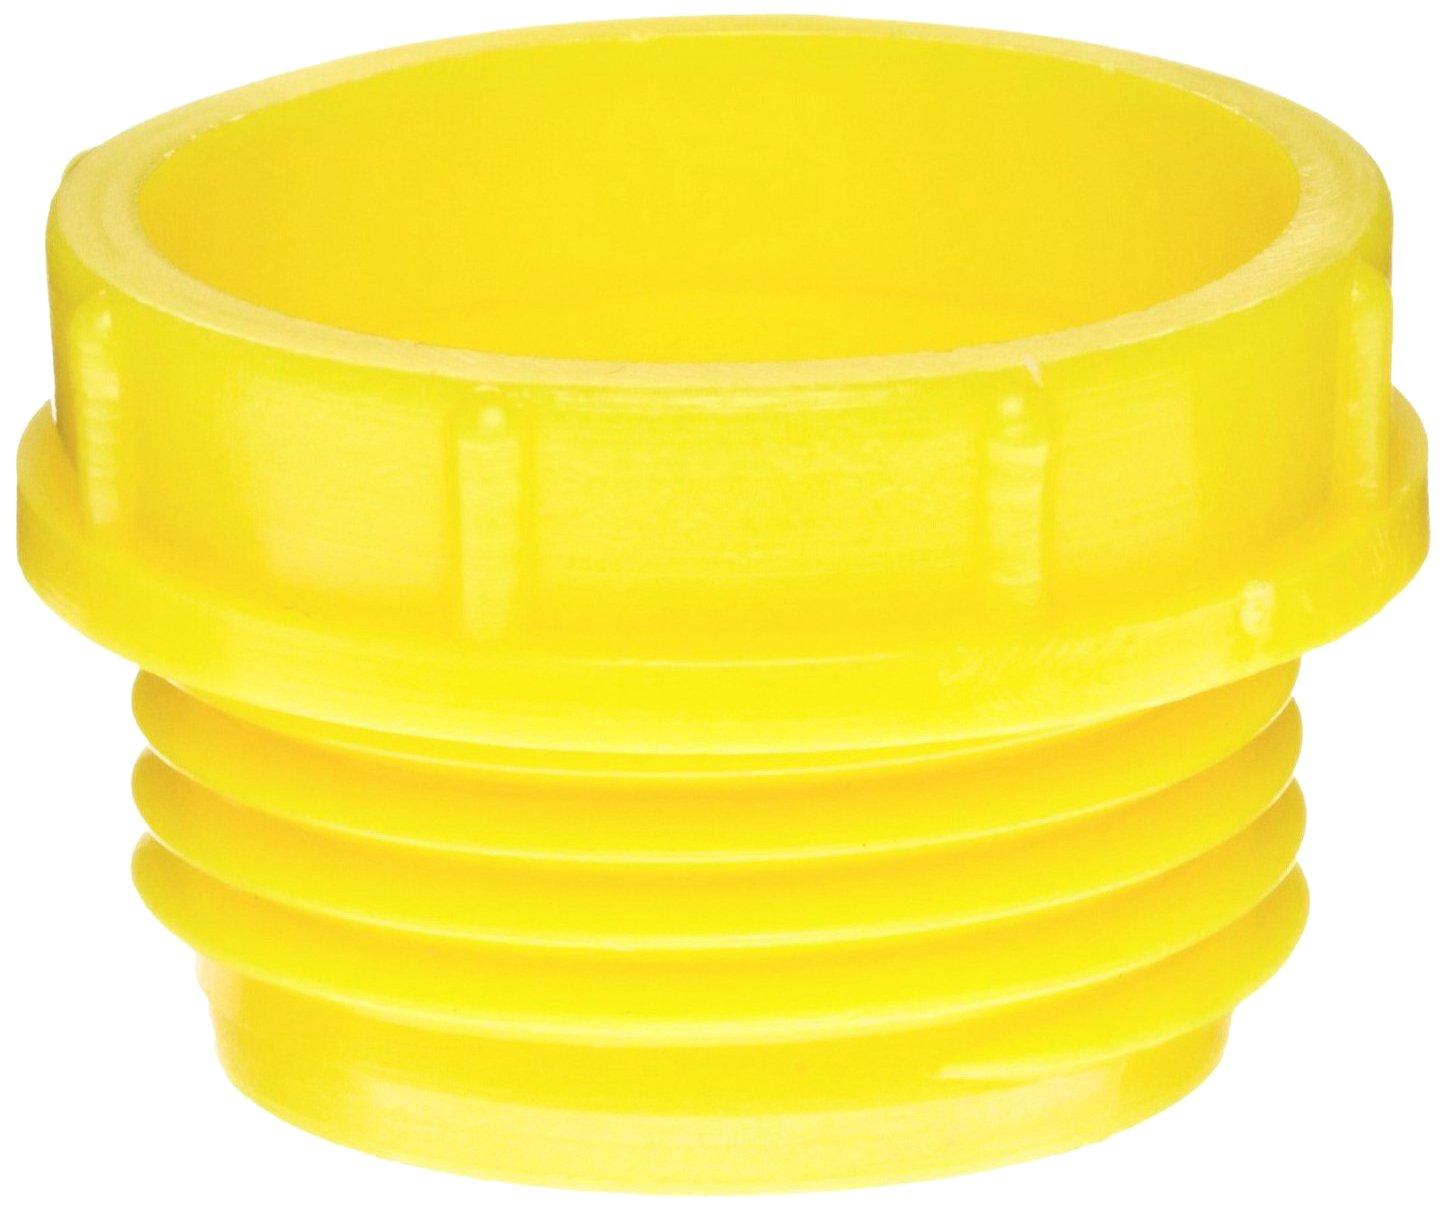 Kapsto GPN 700 3/4 - 20 UNEF Polyethylene Screw